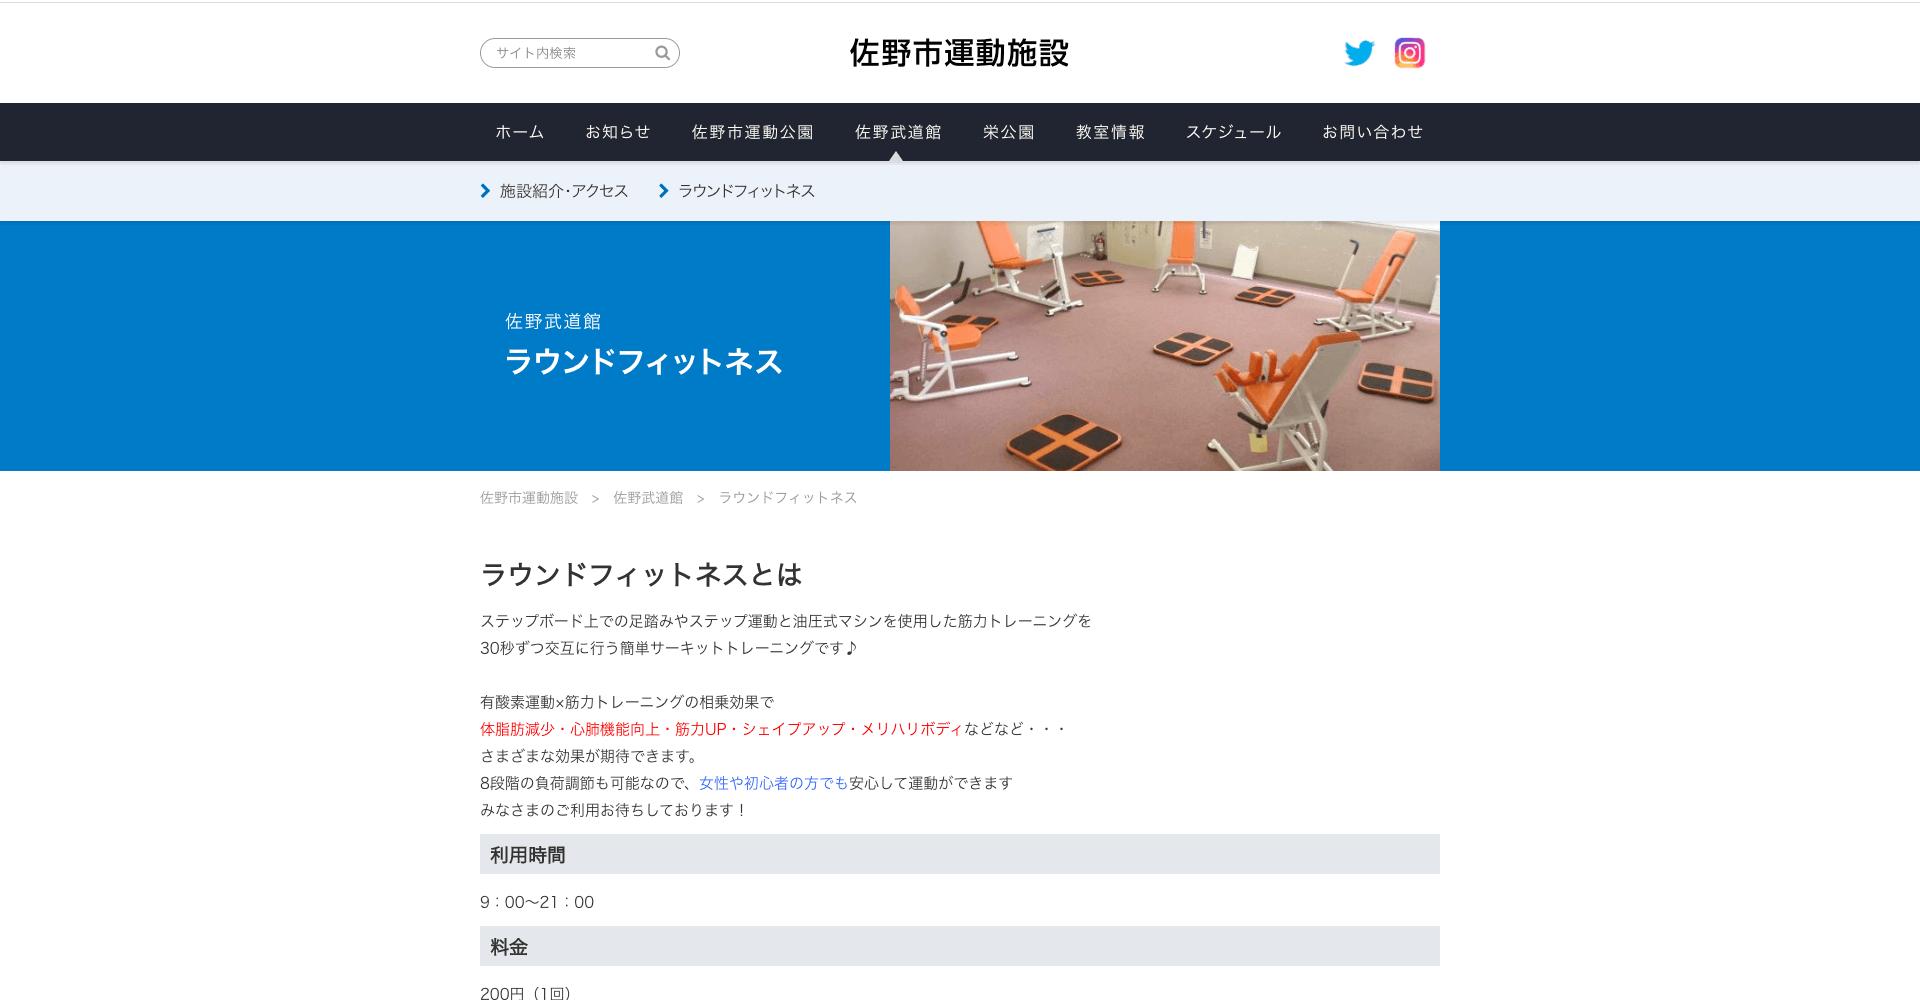 佐野市武道館ラウンドフィットネス